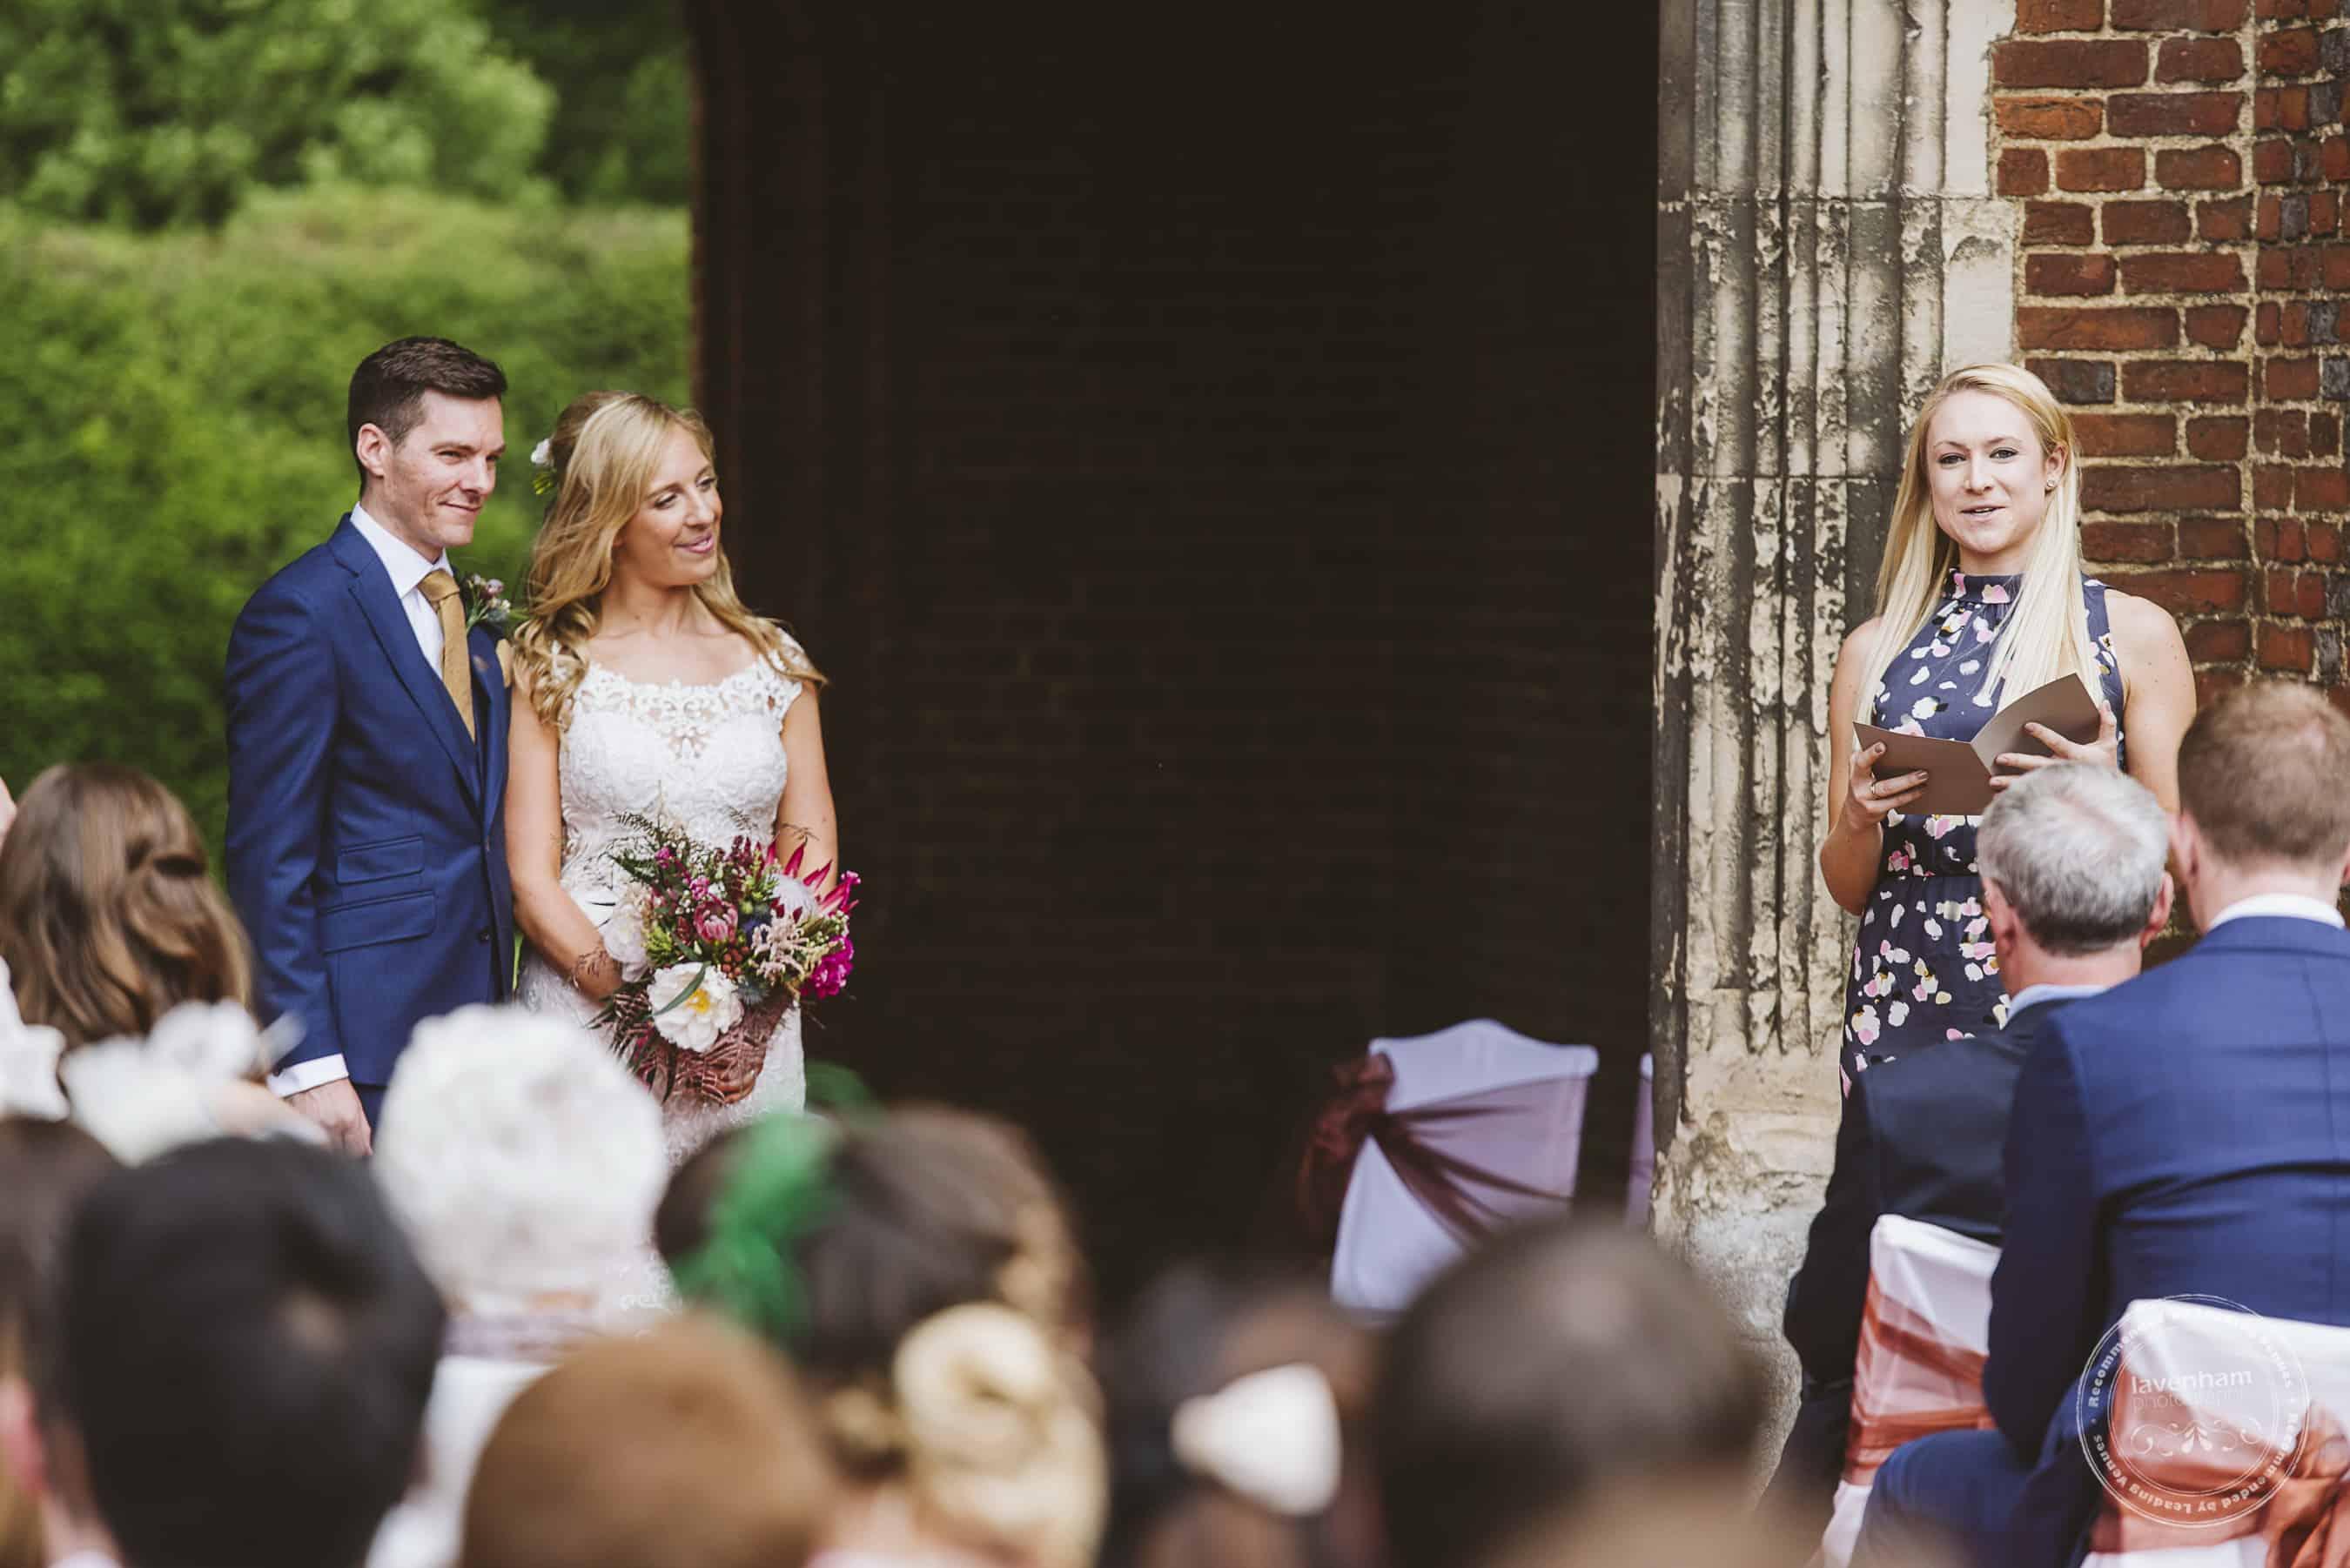 020618 Leez Priory Wedding Photography Lavenham Photographic 062